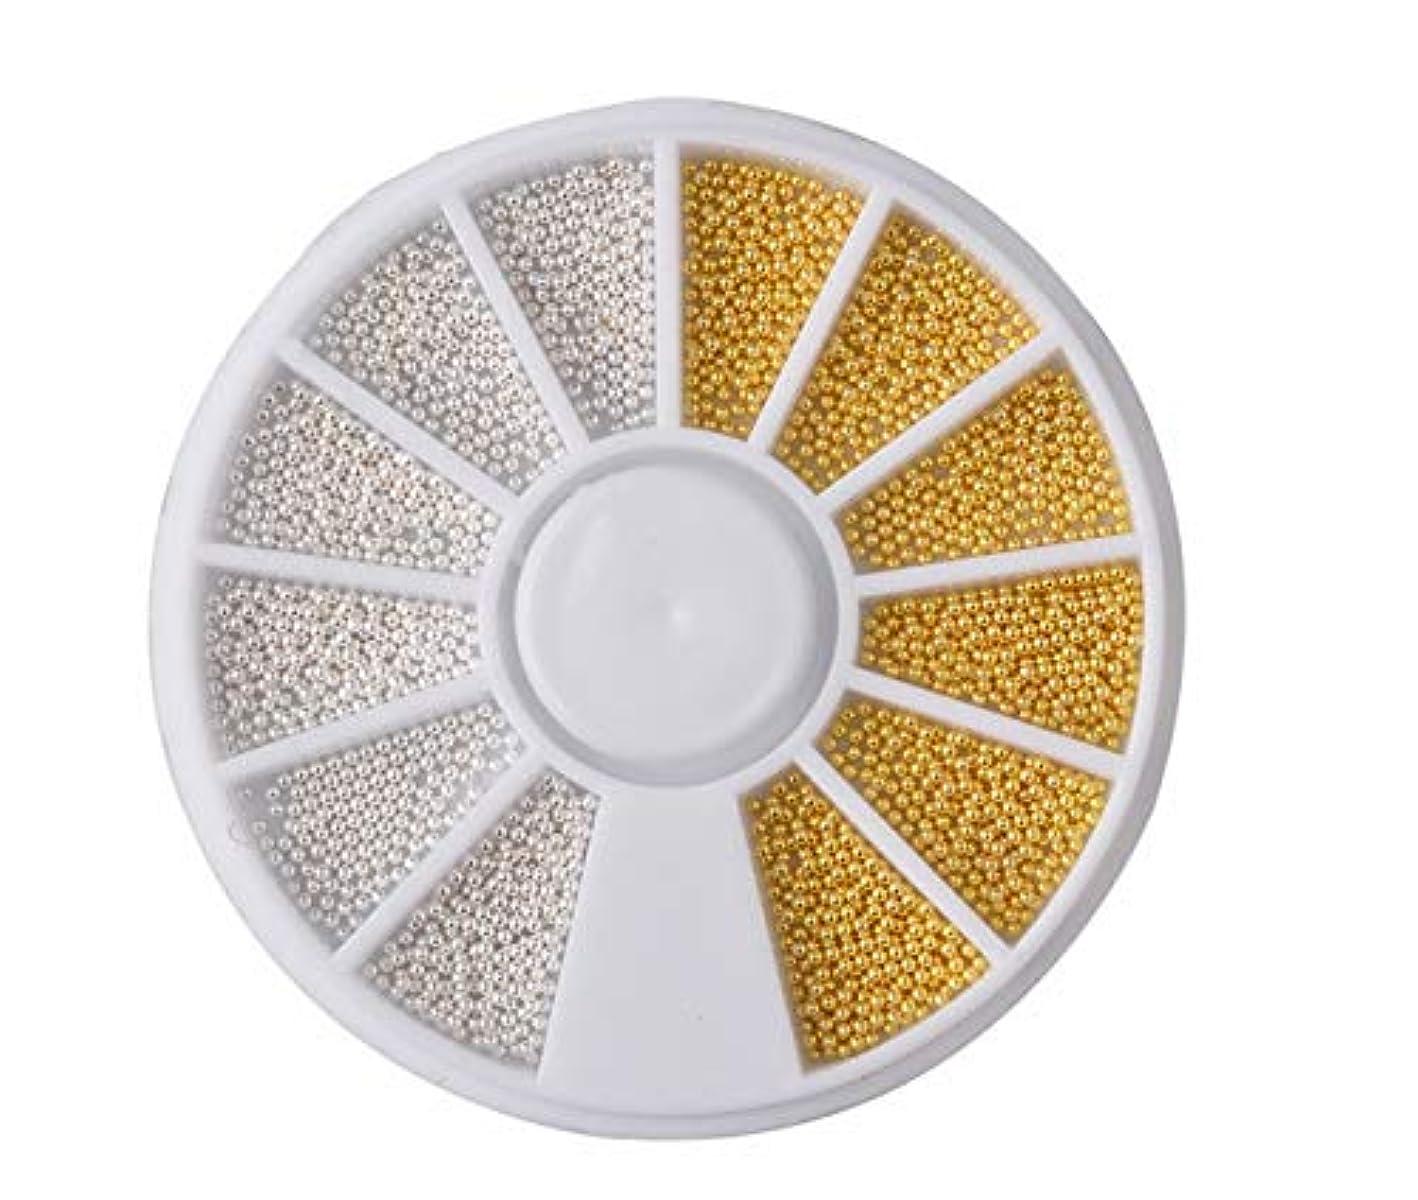 ブロックパイロットペインTianmey ミニ鋼球キャビア大ビーズの3Dネイルデコレーションマニキュアネイルアートアクセサリーデコレーションマニキュアツール (Color : White and gold)